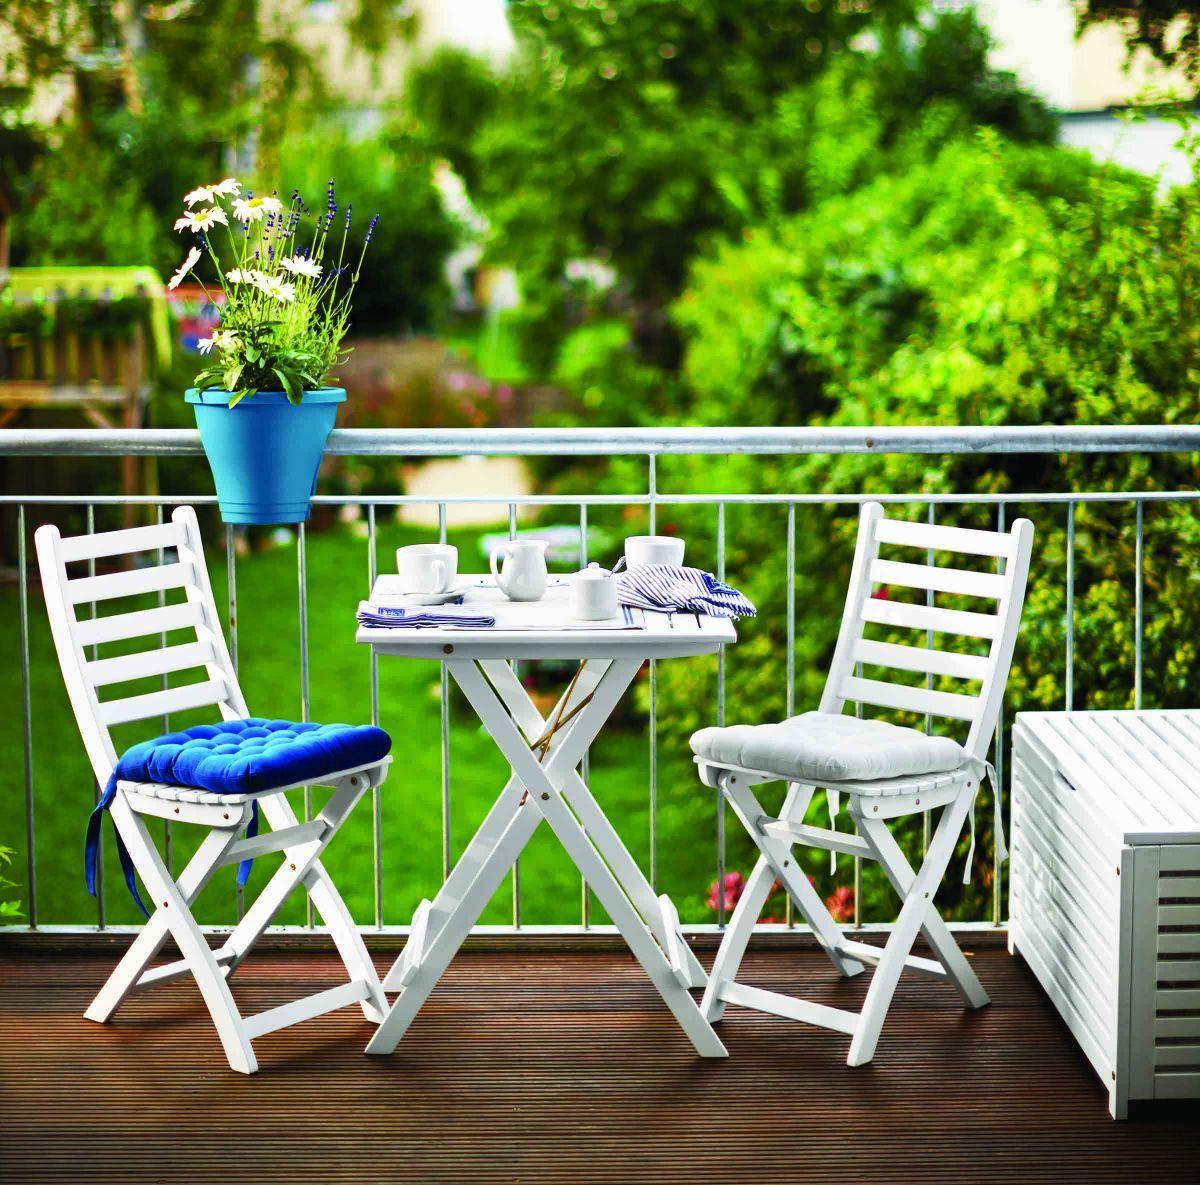 Балкон в своем доме легко украсить столиком и стульями, создав новое место общения